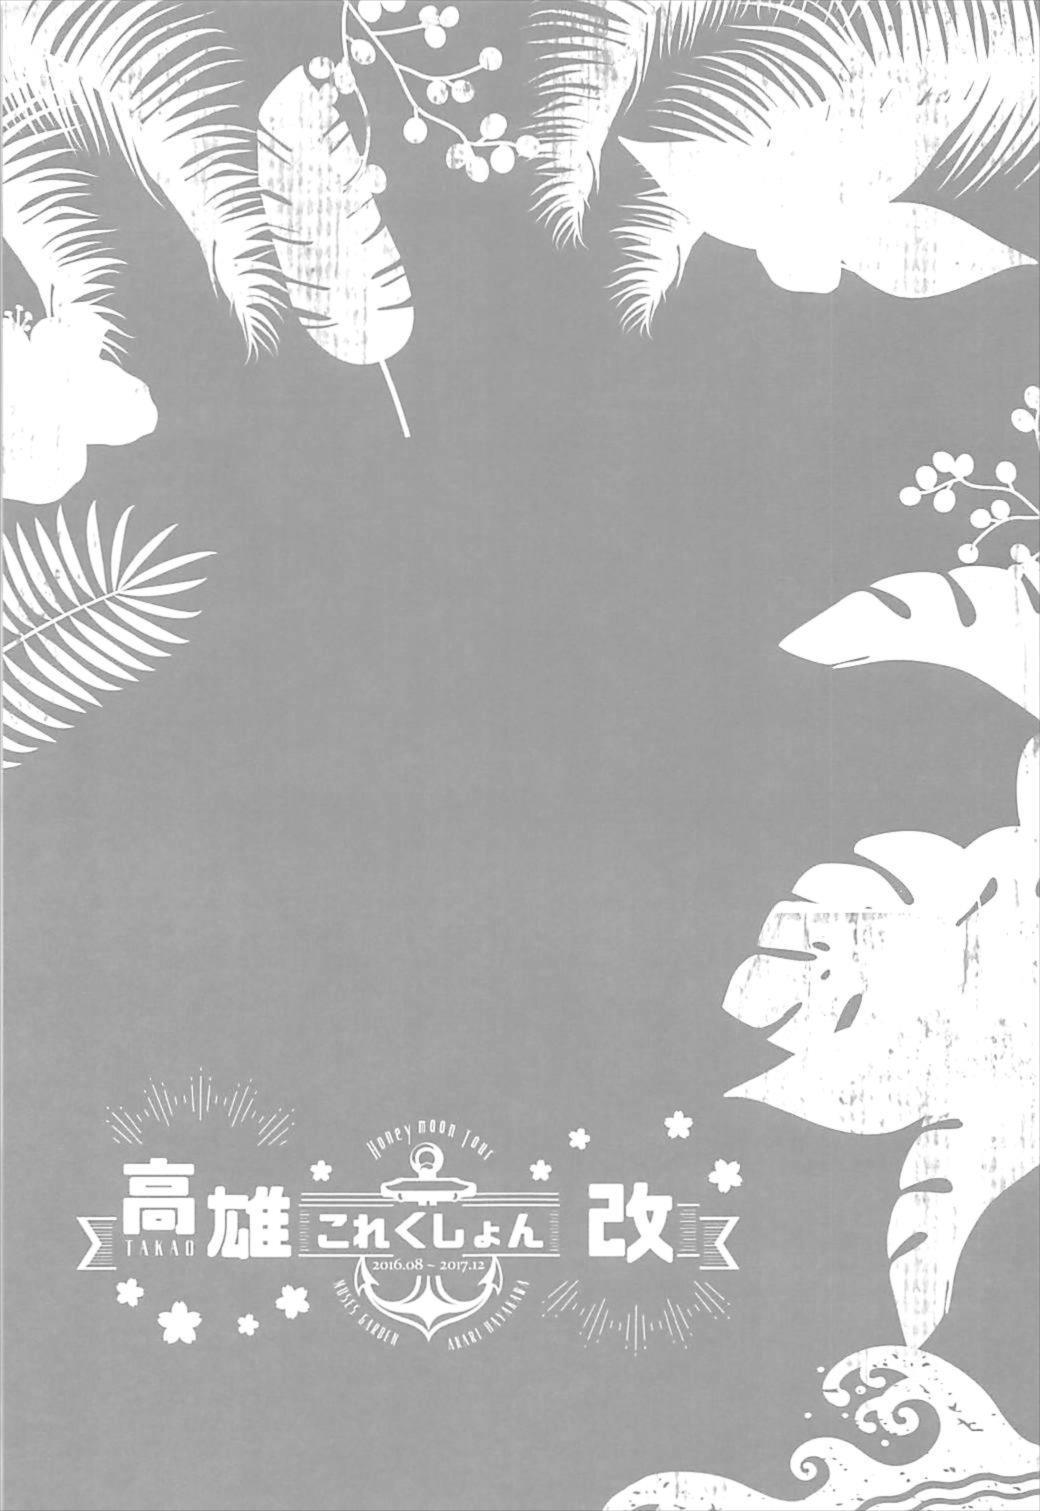 Takao Collection Kai Honeymoon Tour 64